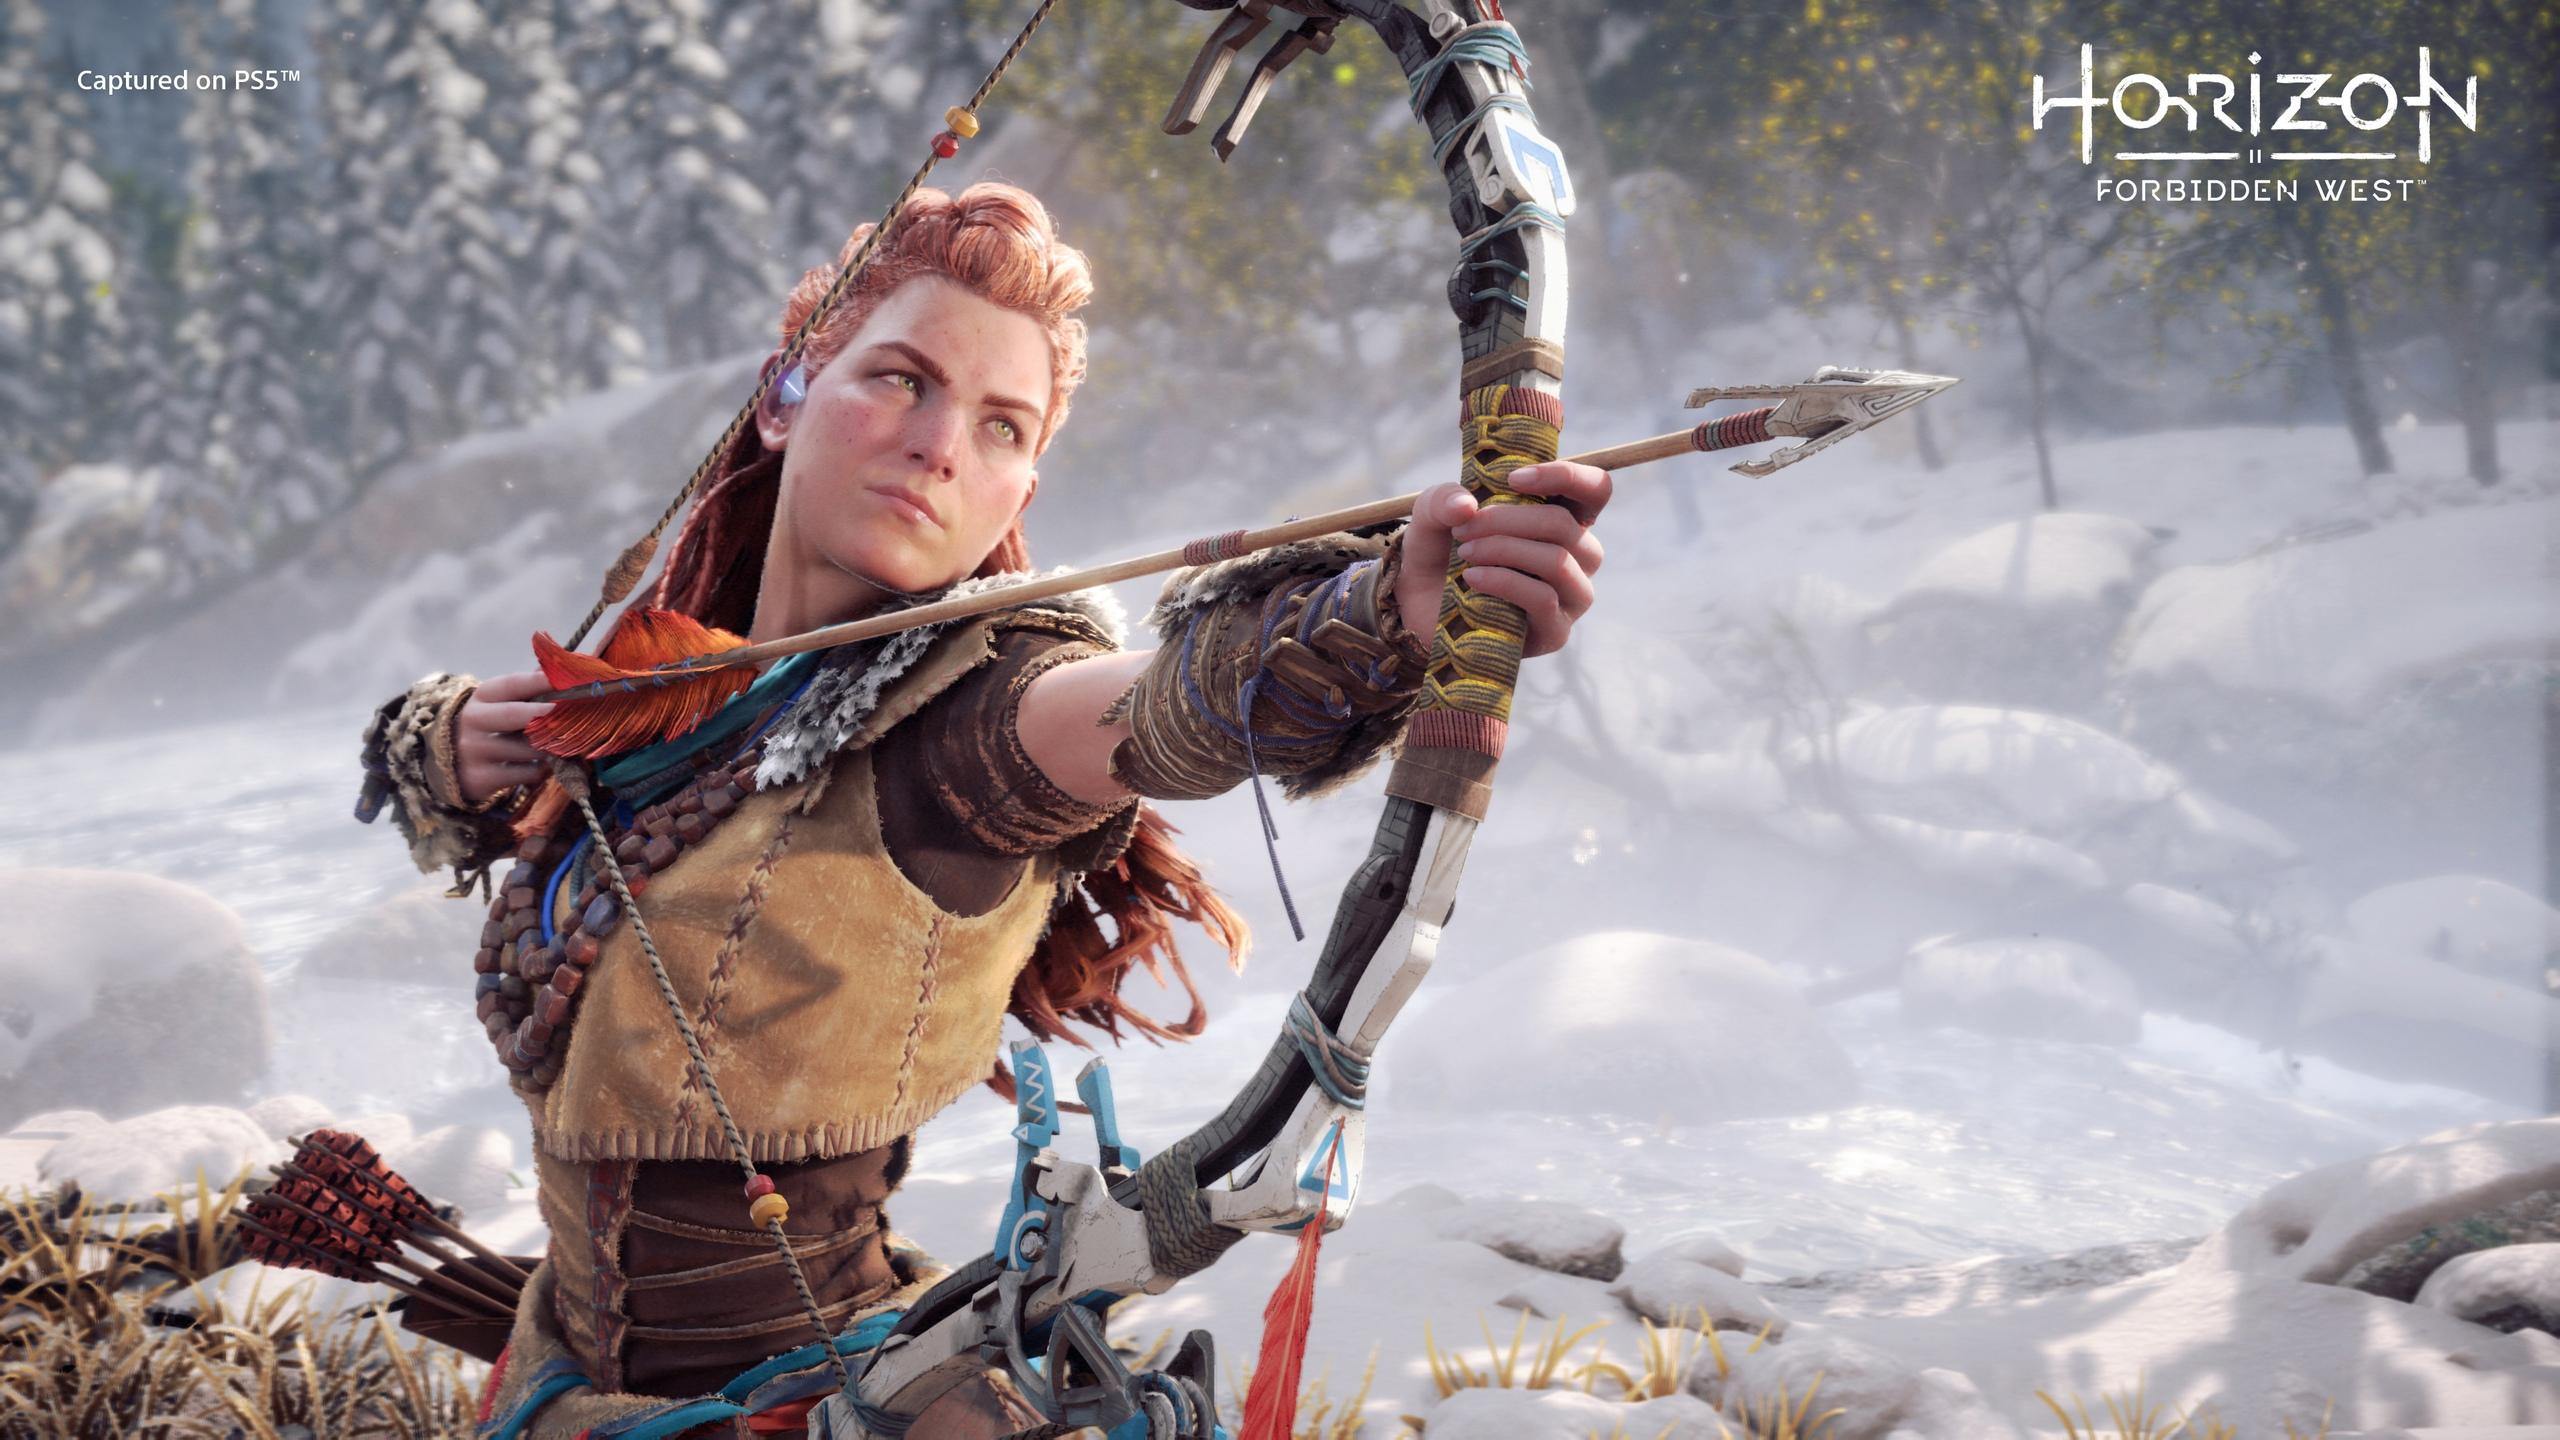 Sony рассказала, что во втором финансовом квартале (июль-сентябрь) ожидает, что продажи игр компании будут на уровне прошлого года